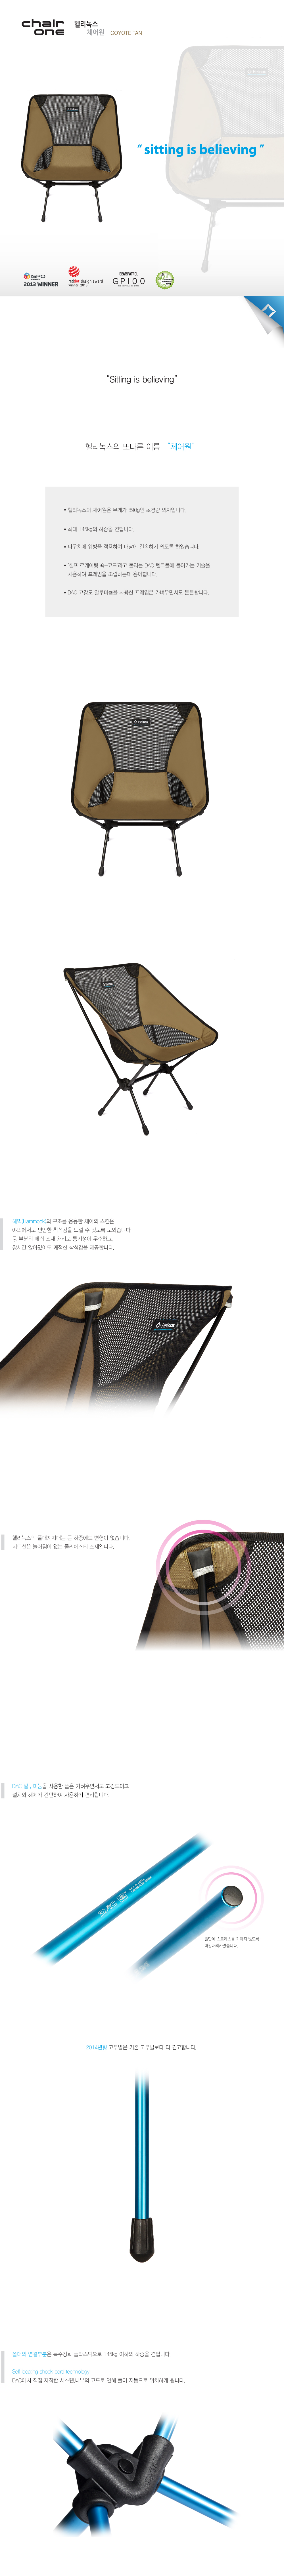 20160713-Helinox_chair-one_COYOTE-TAN-상품페이지-01.jpg